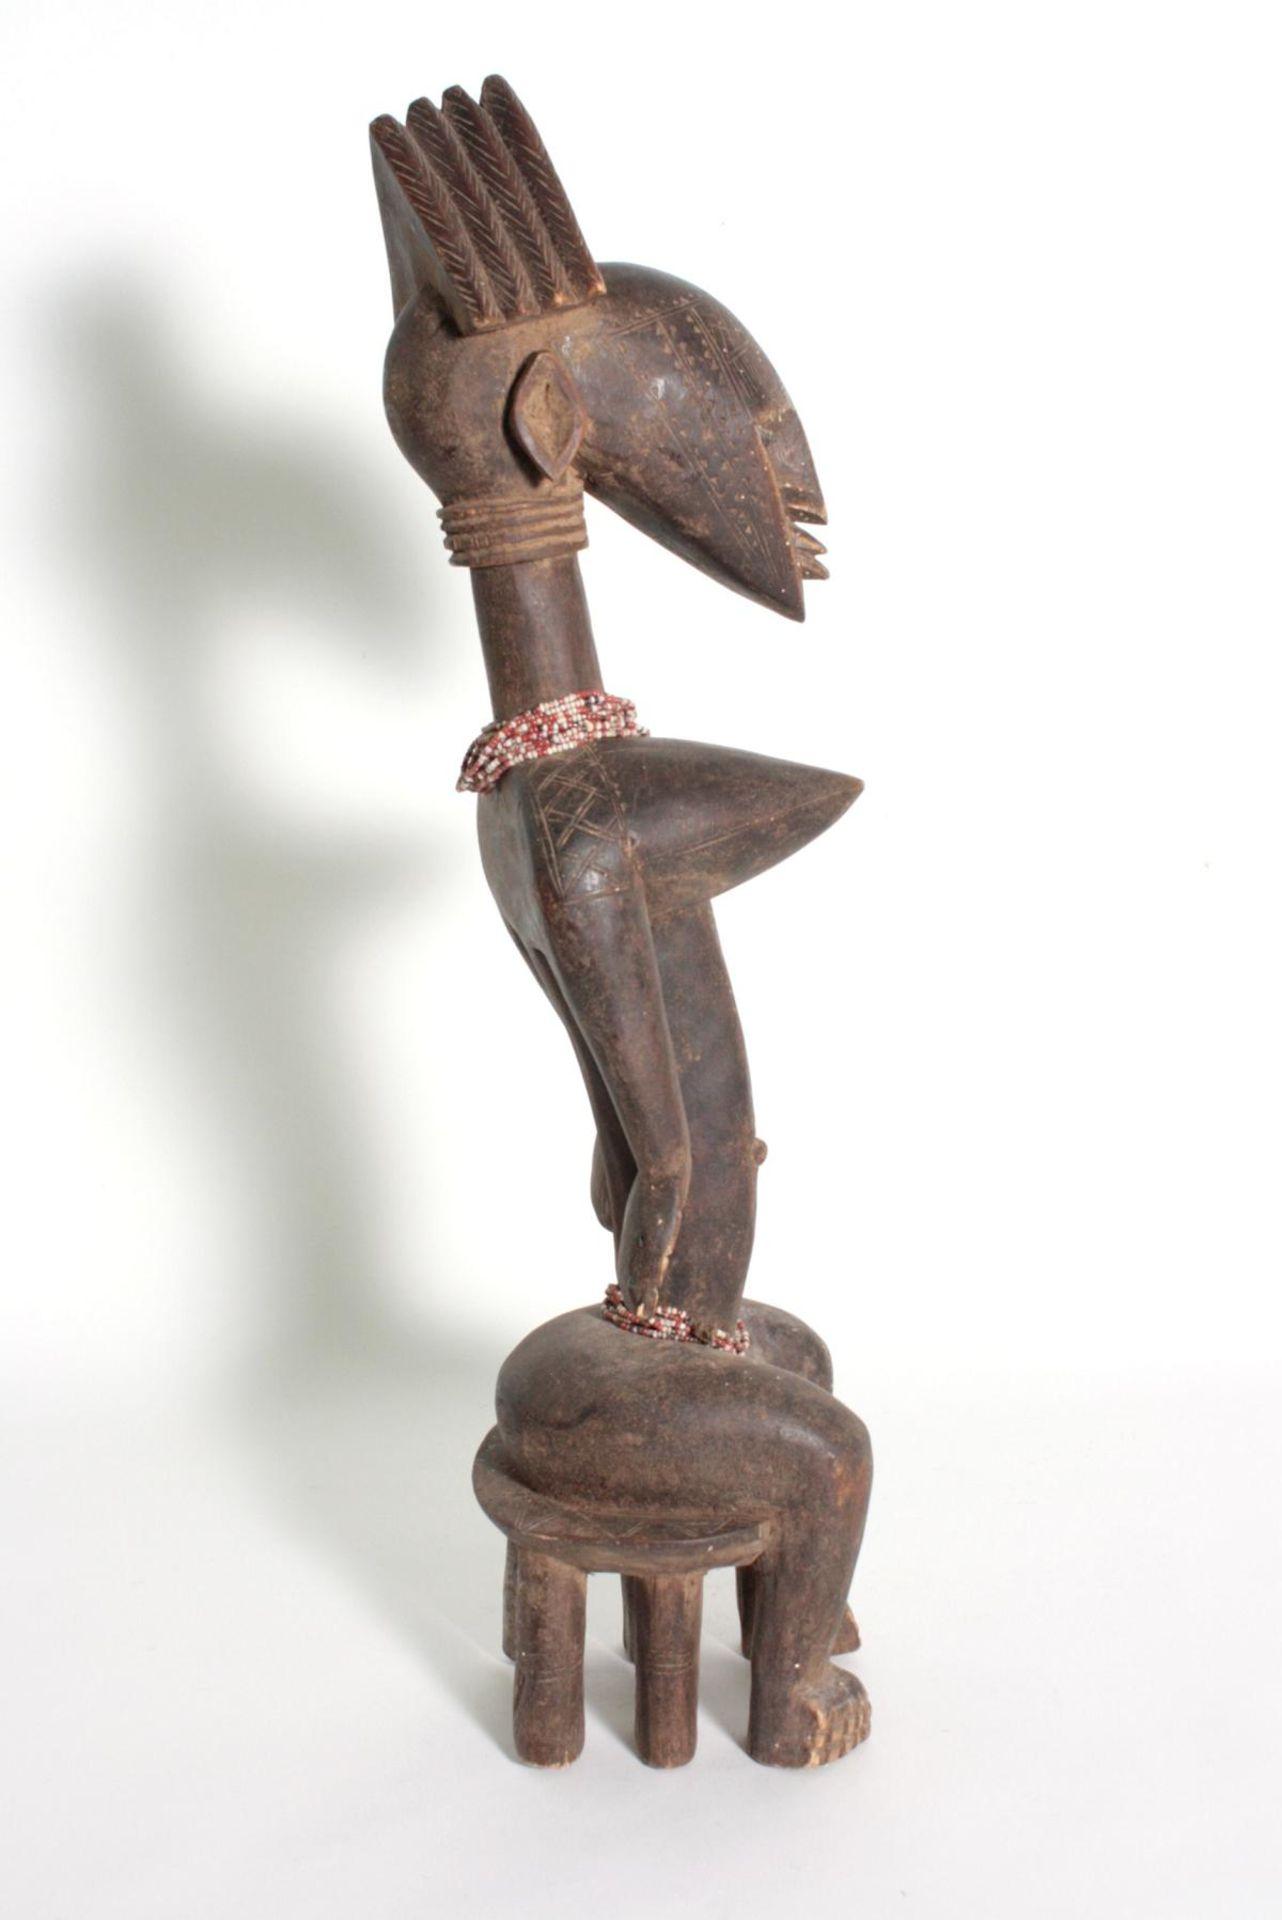 Bambara/Mali, sitzende weibliche Figur, 1. Hälfte 20. Jh.Holz, dunkelbraune Patina, sitzende Frau - Bild 3 aus 5